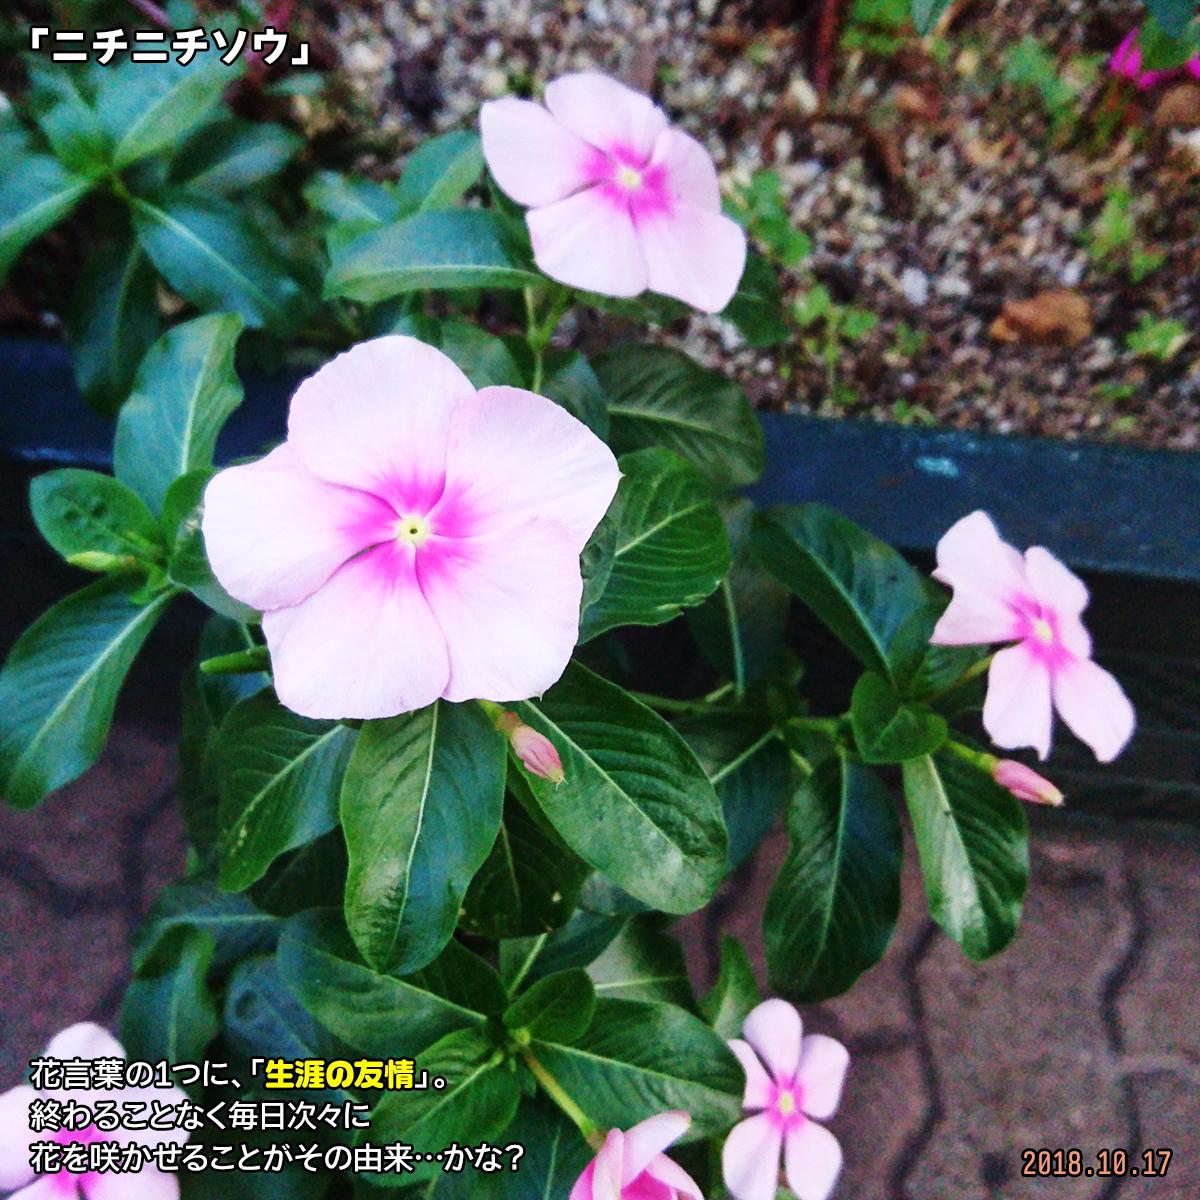 DSC_8445_20190207163903fac.jpg